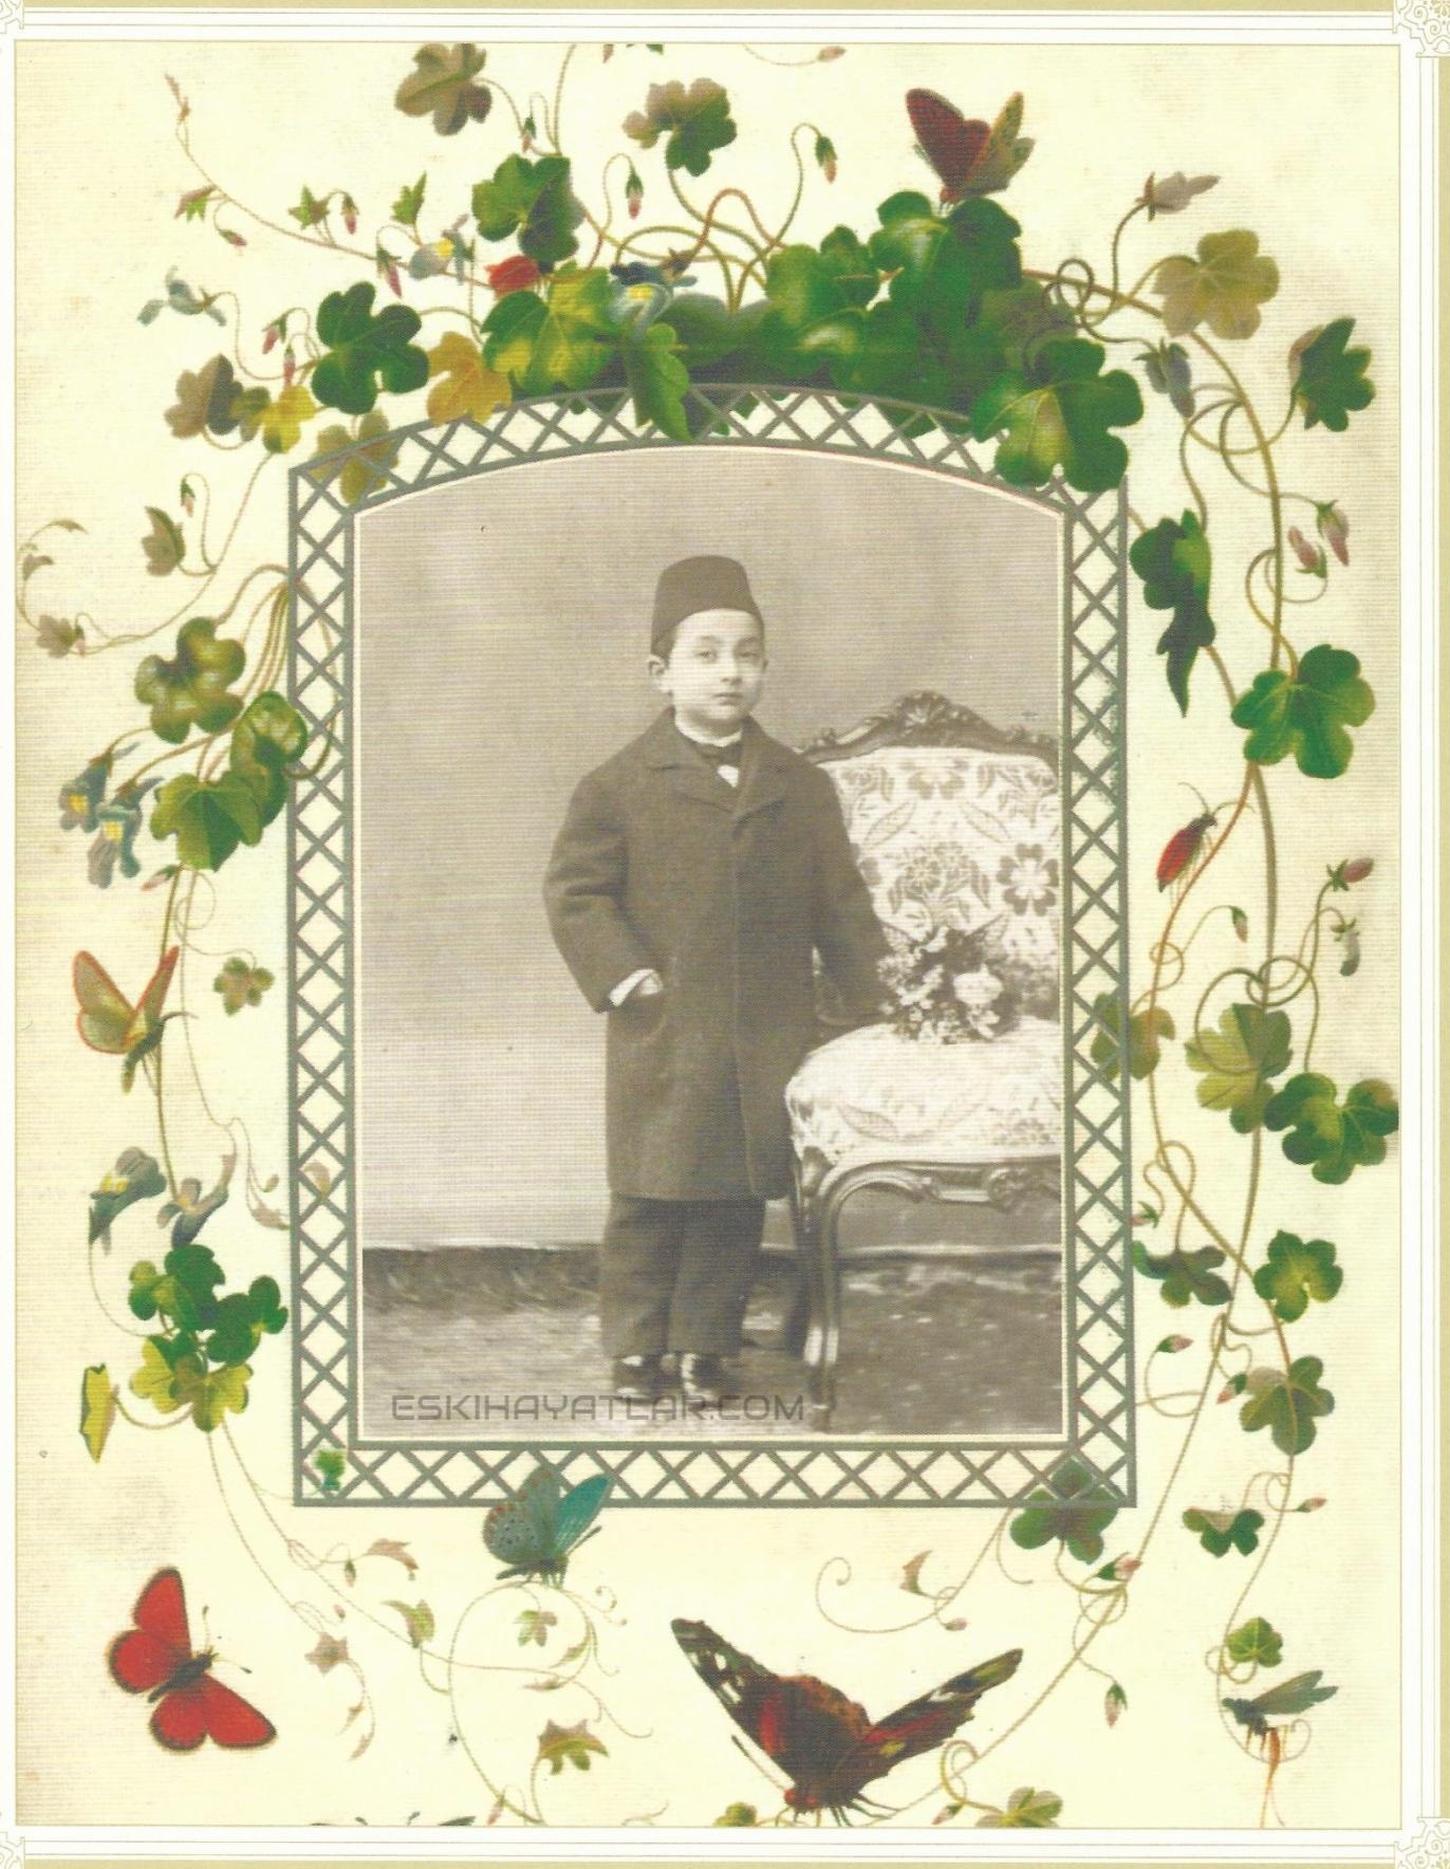 sultan-abdulhamid-in-aile-albumleri-abdullah-biraderler-fotograflari-yildiz-sarayinda-cekilen-resimler-mehmed-selim-efendi (2)